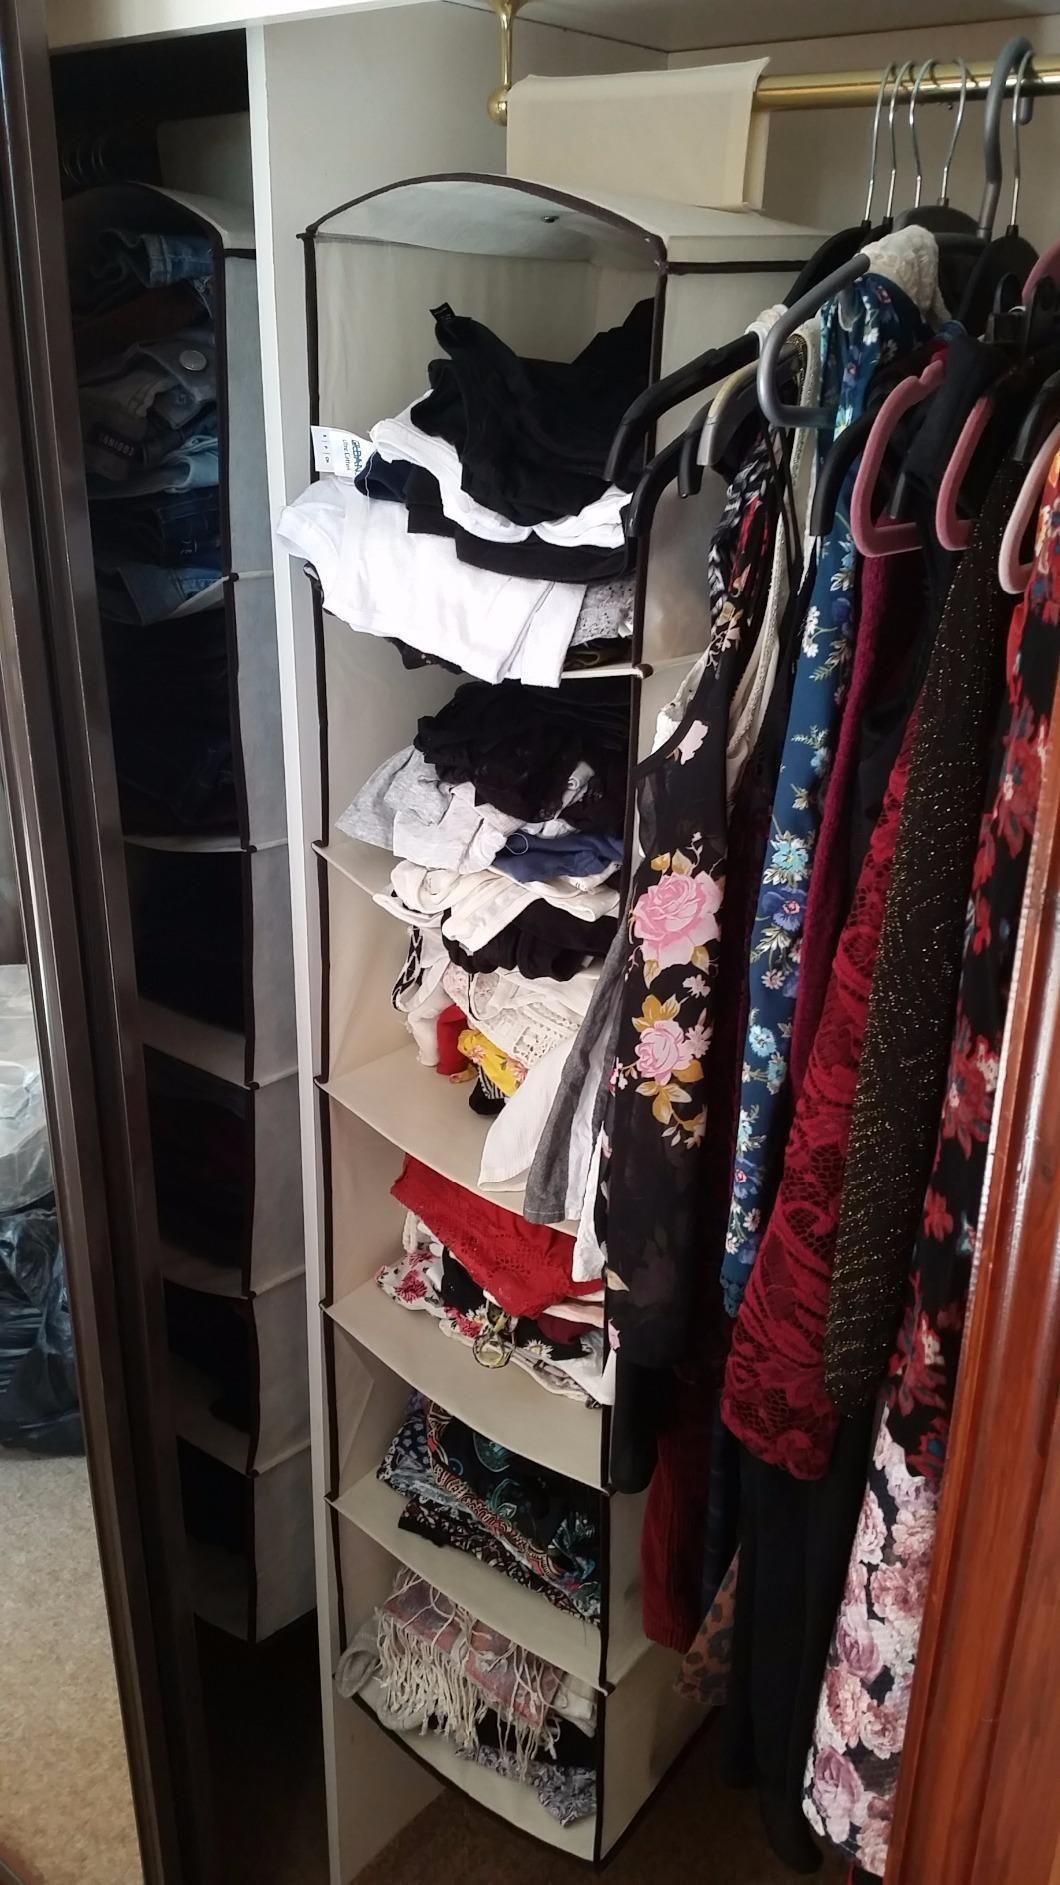 6 Shelf Hanging Wardrobe Storage Unit Sweater Organiser Amazon.co.uk Kitchen & 6 Shelf Hanging Wardrobe Storage Unit Sweater Organiser: Amazon.co ...